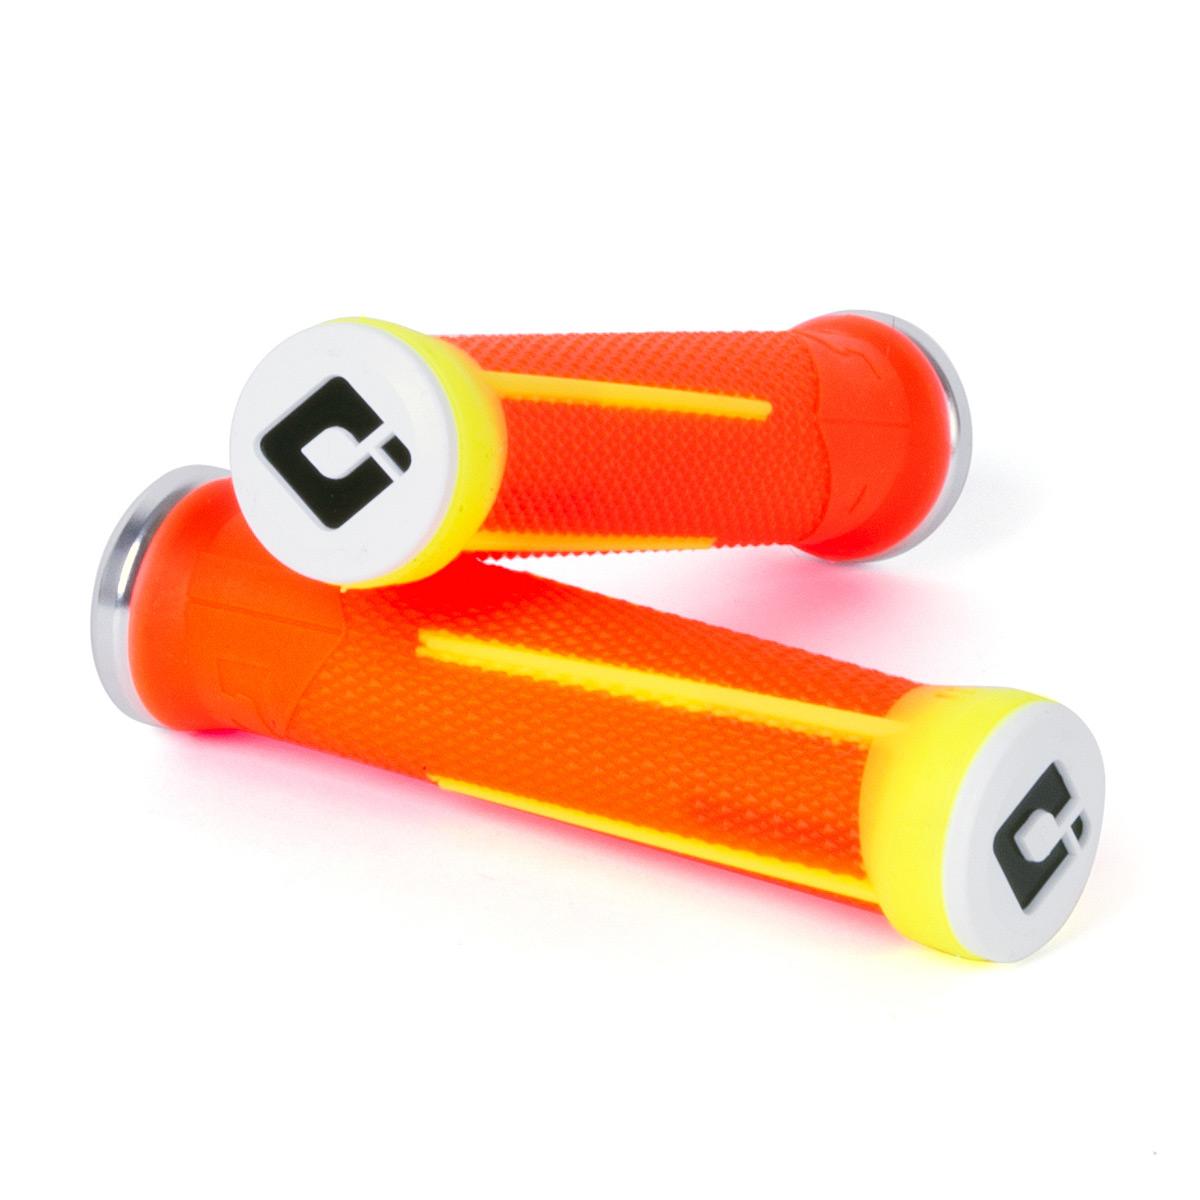 Gripy MTB ODI AG-1 Signature V2.1 Lock-On Bonus Pack oranžová / žlutá